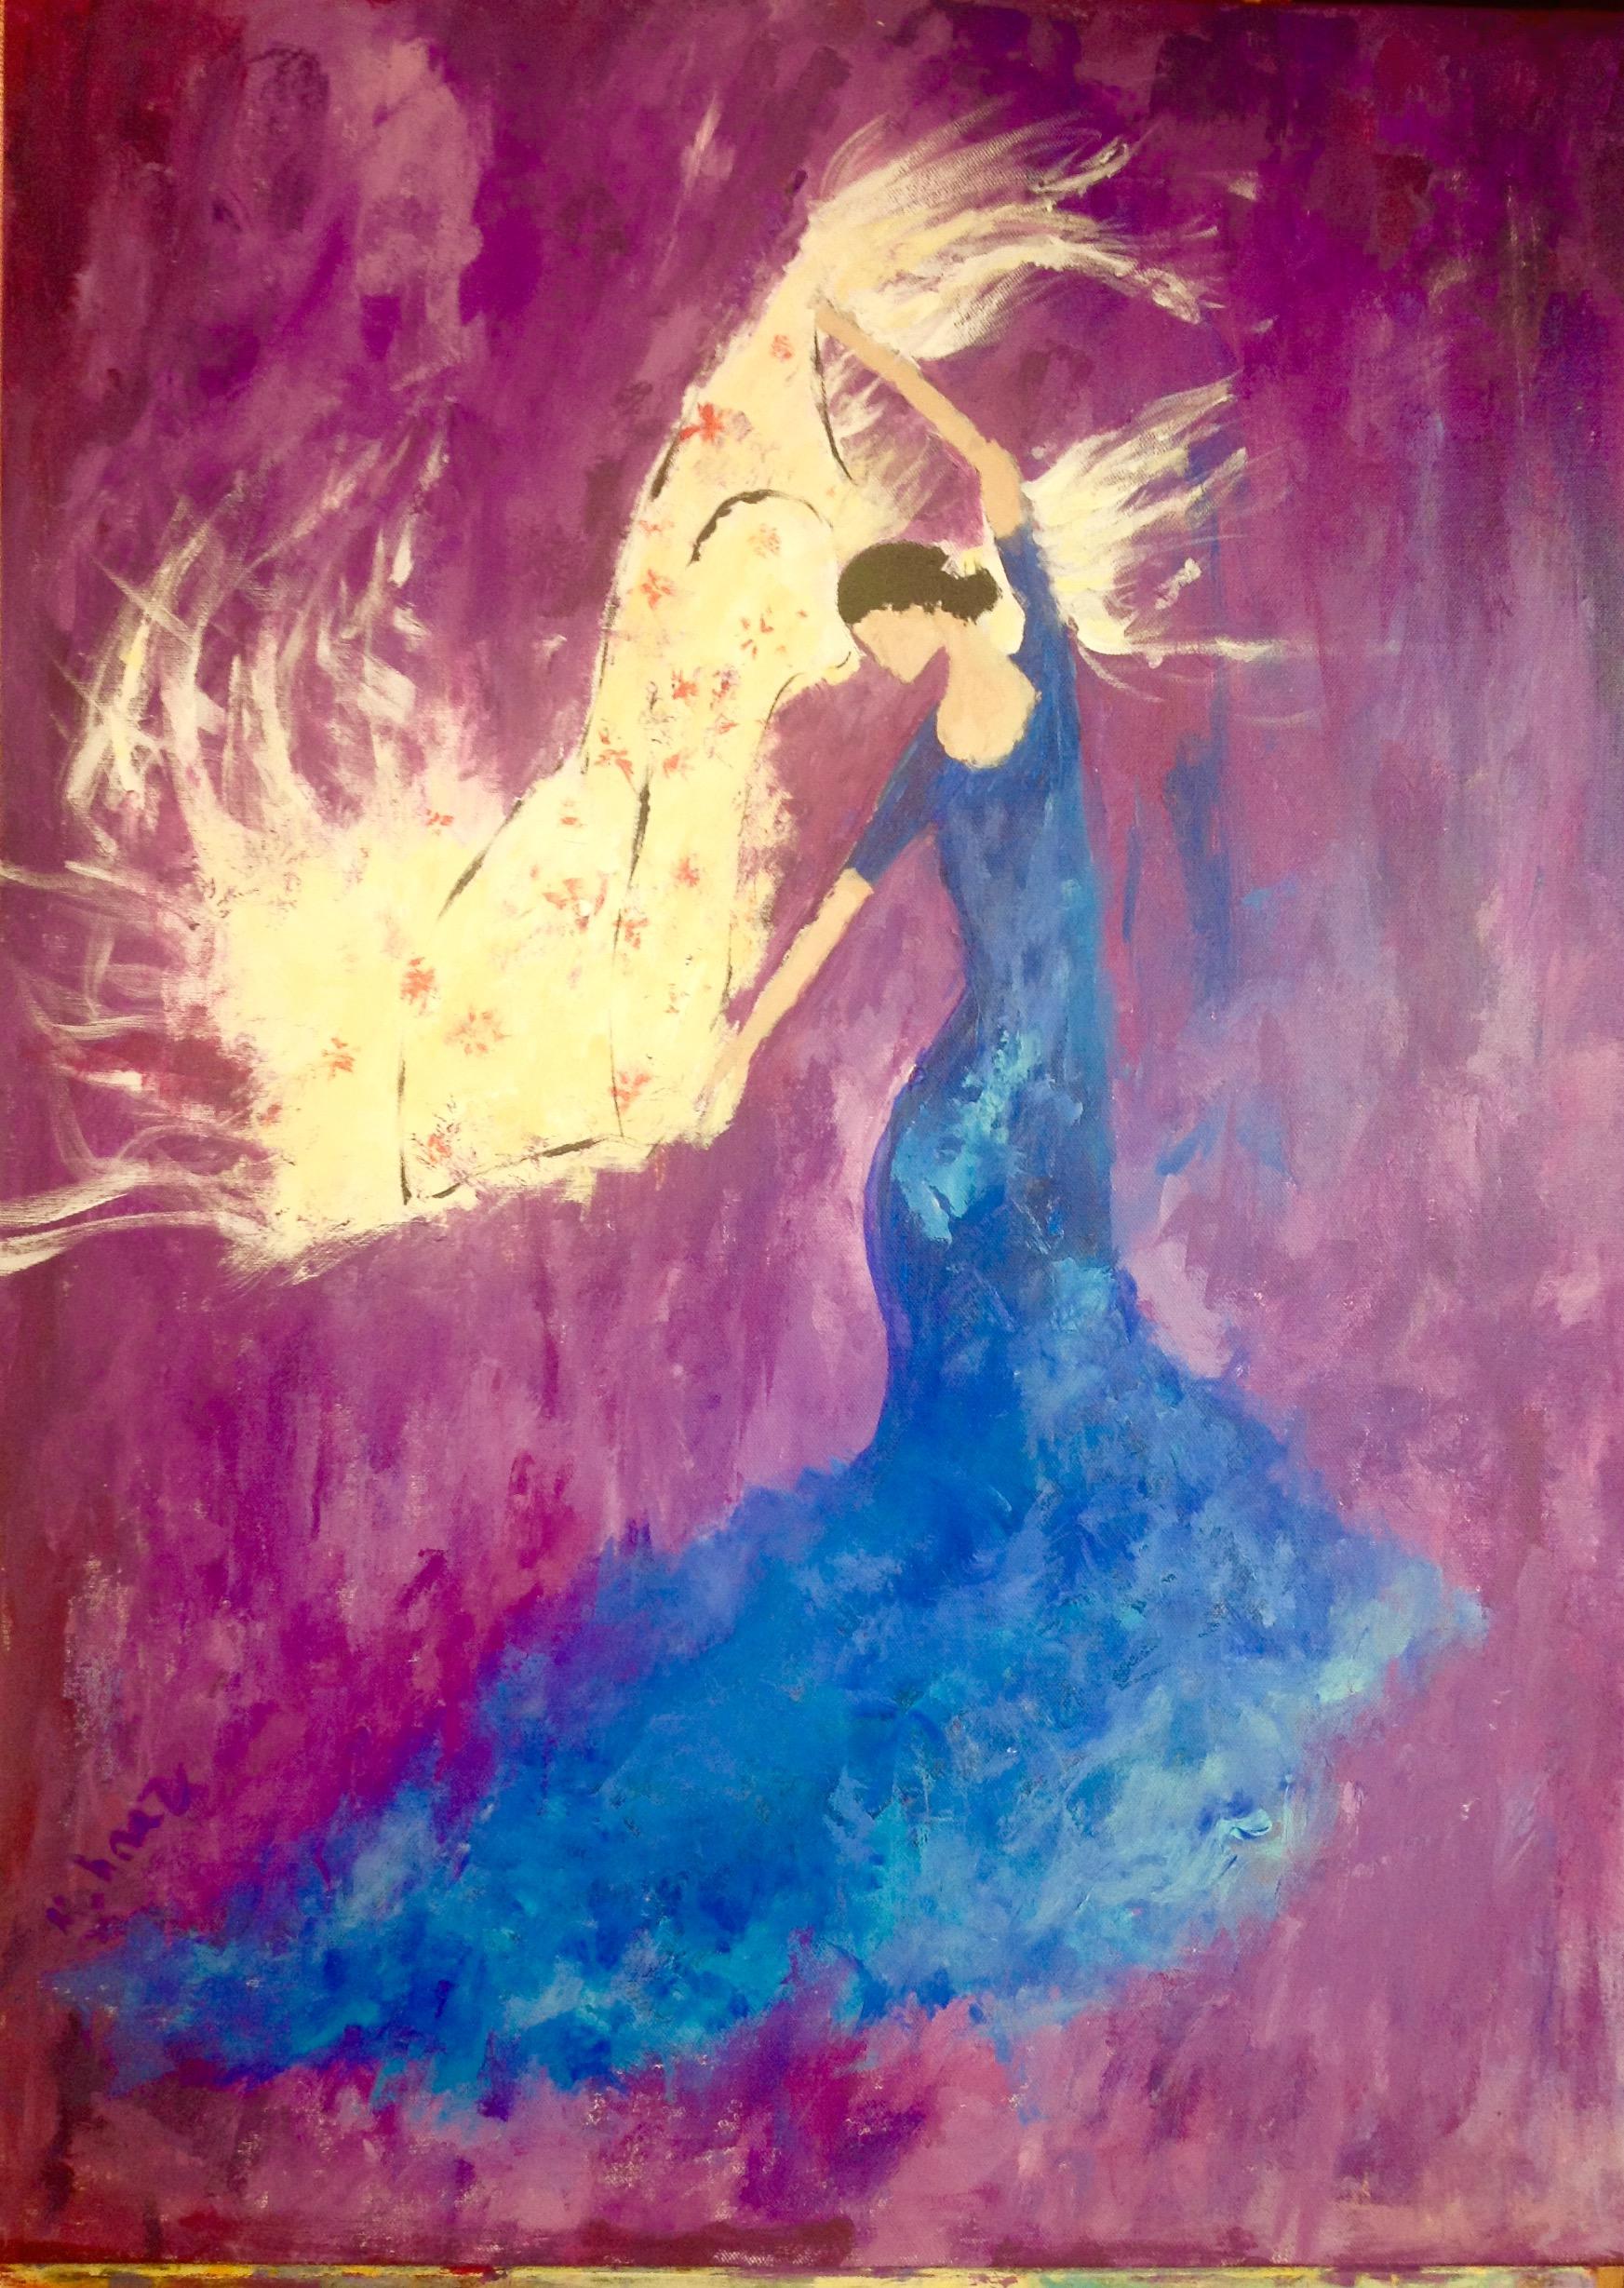 Blue dress dancer